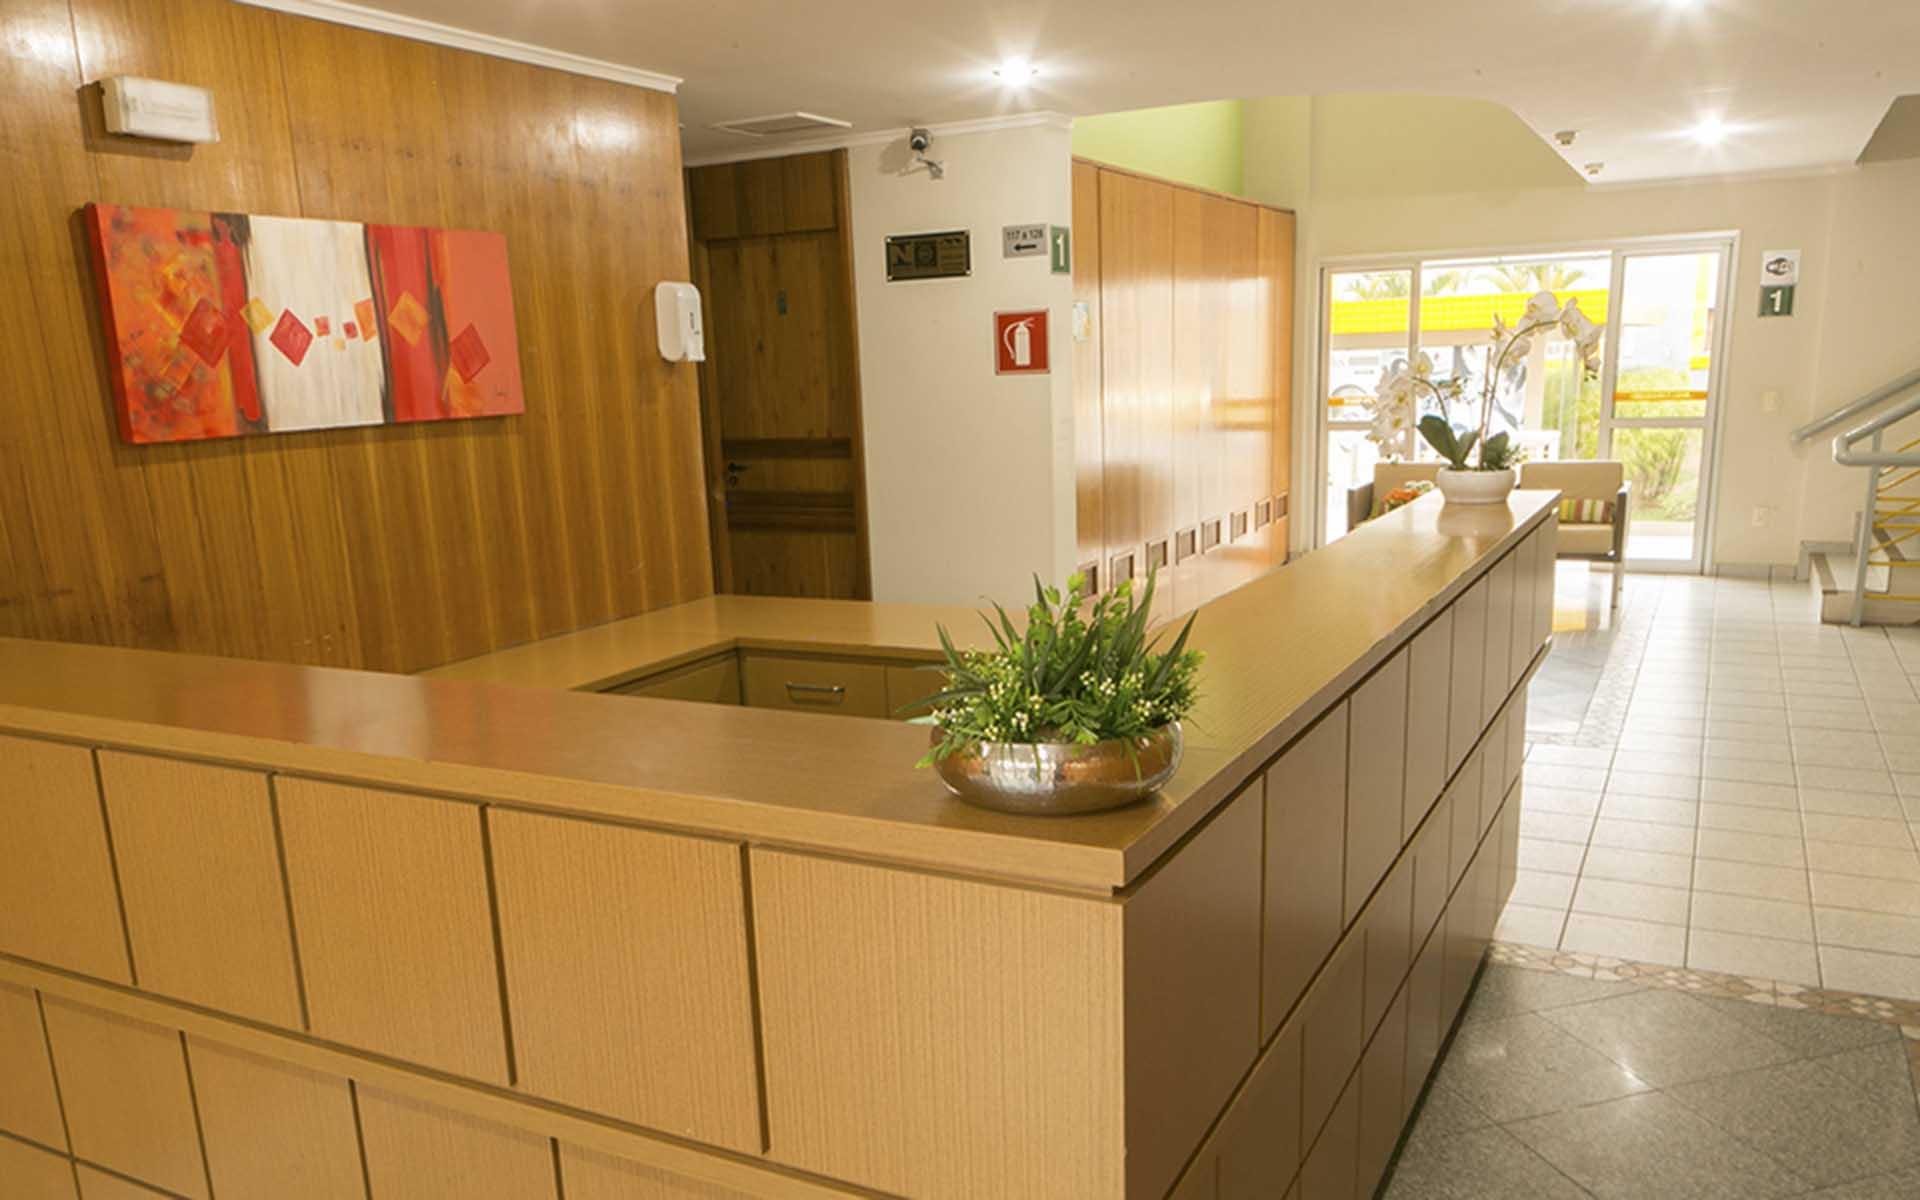 recepção apart hotel flat em brasilia multiparque hplus long stay